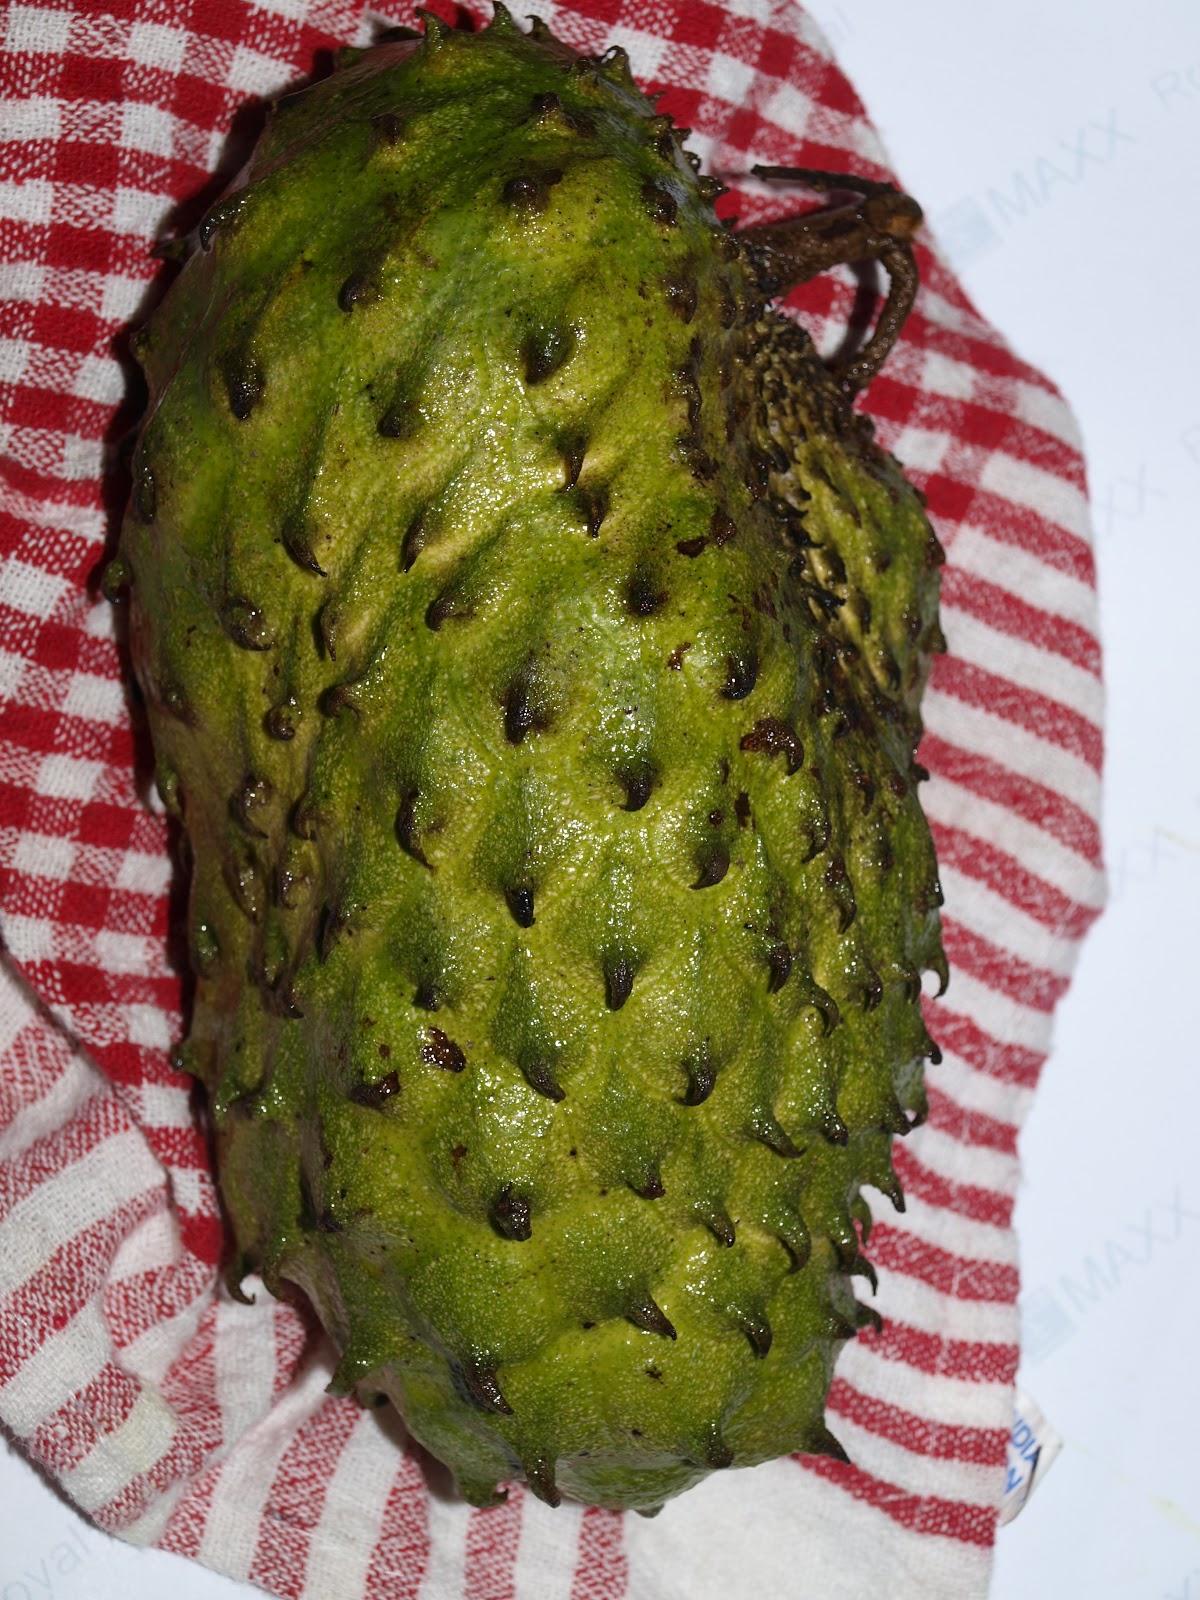 The Soursop fruit.